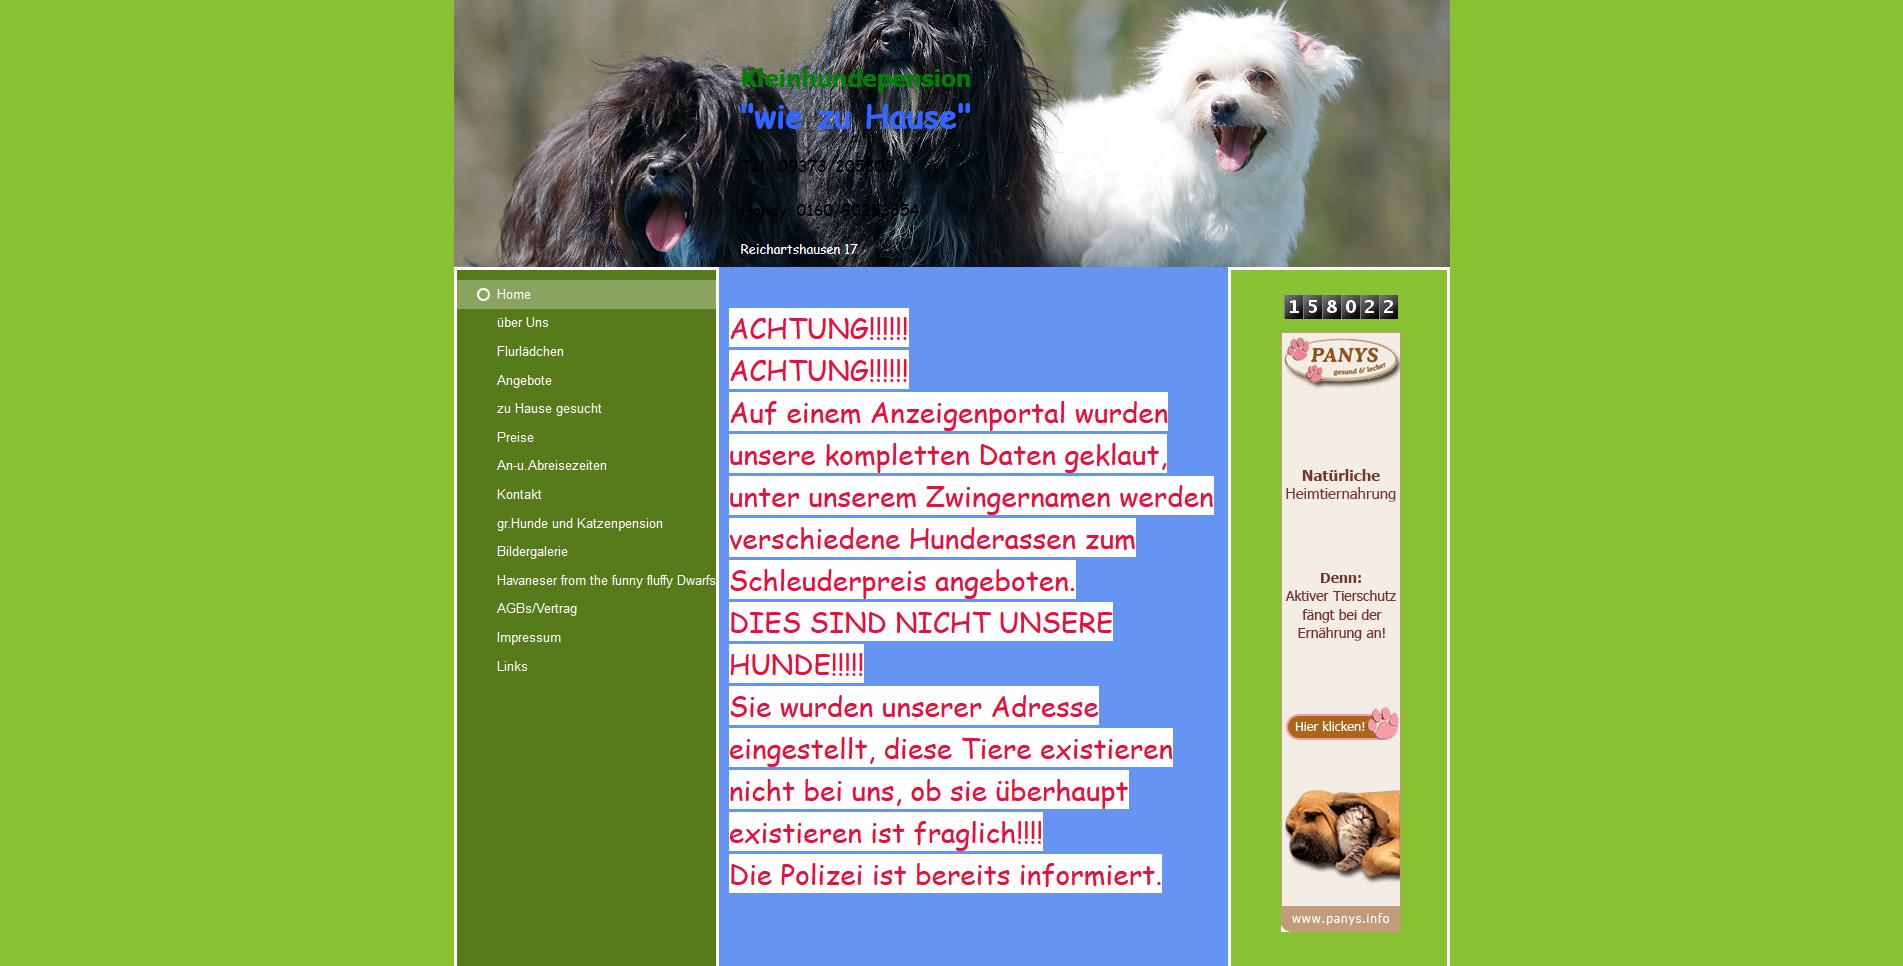 Kleinhundepension wie zu Hause